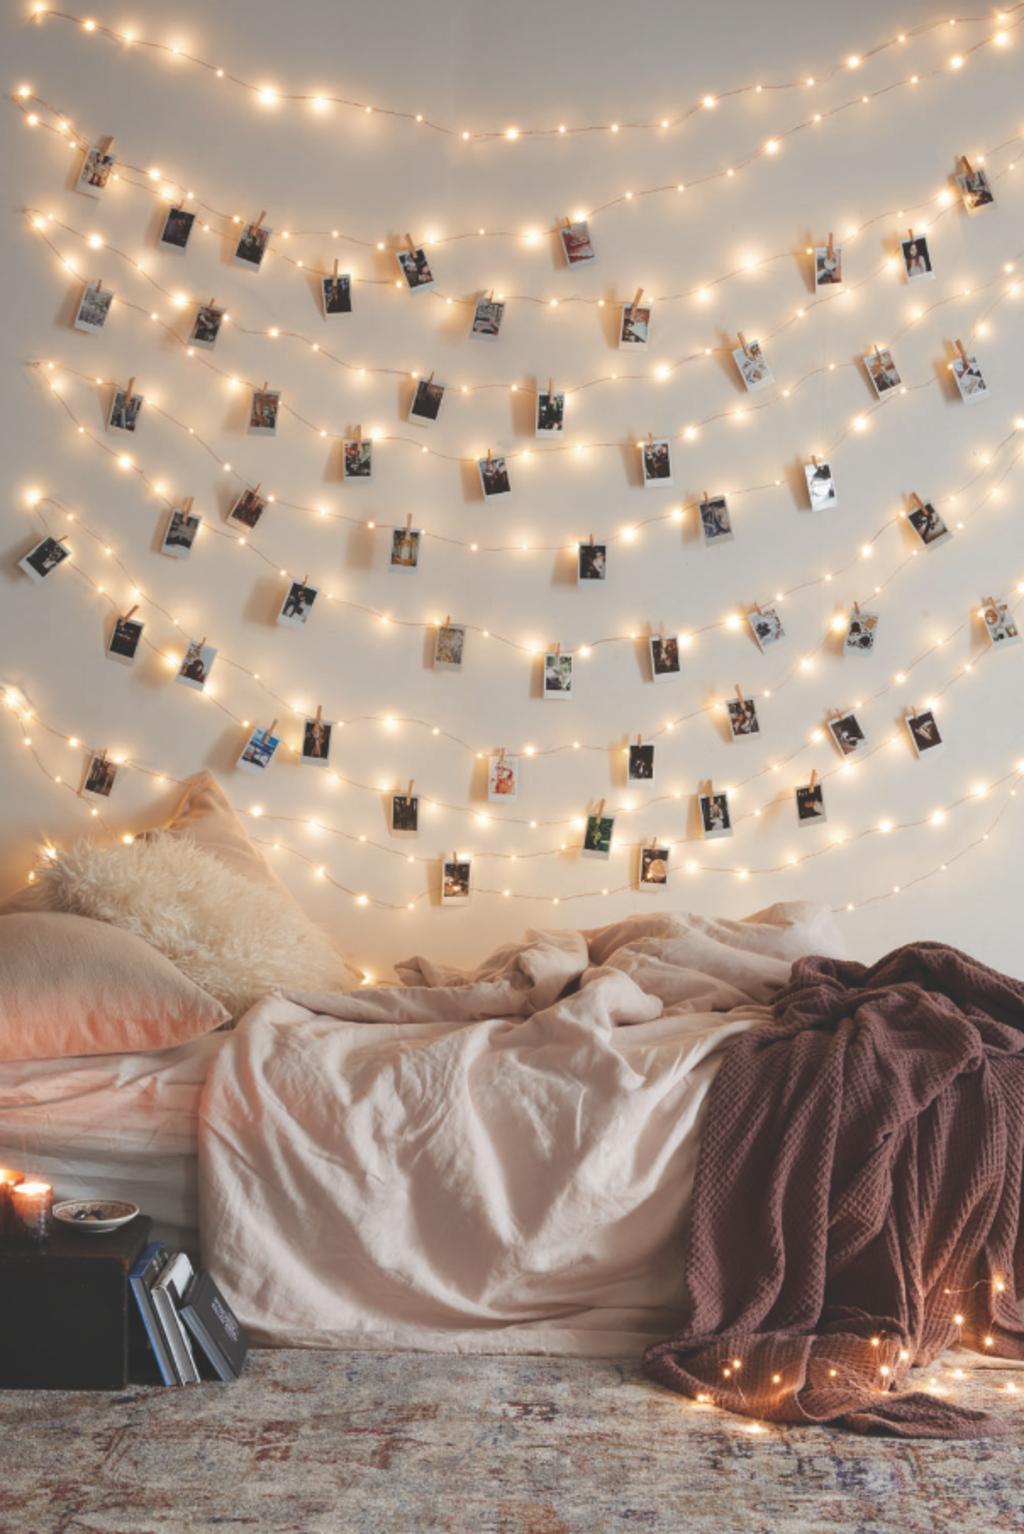 Comment Accrocher Une Guirlande Lumineuse Au Mur repérés sur pinterest #10 | deco cocooning